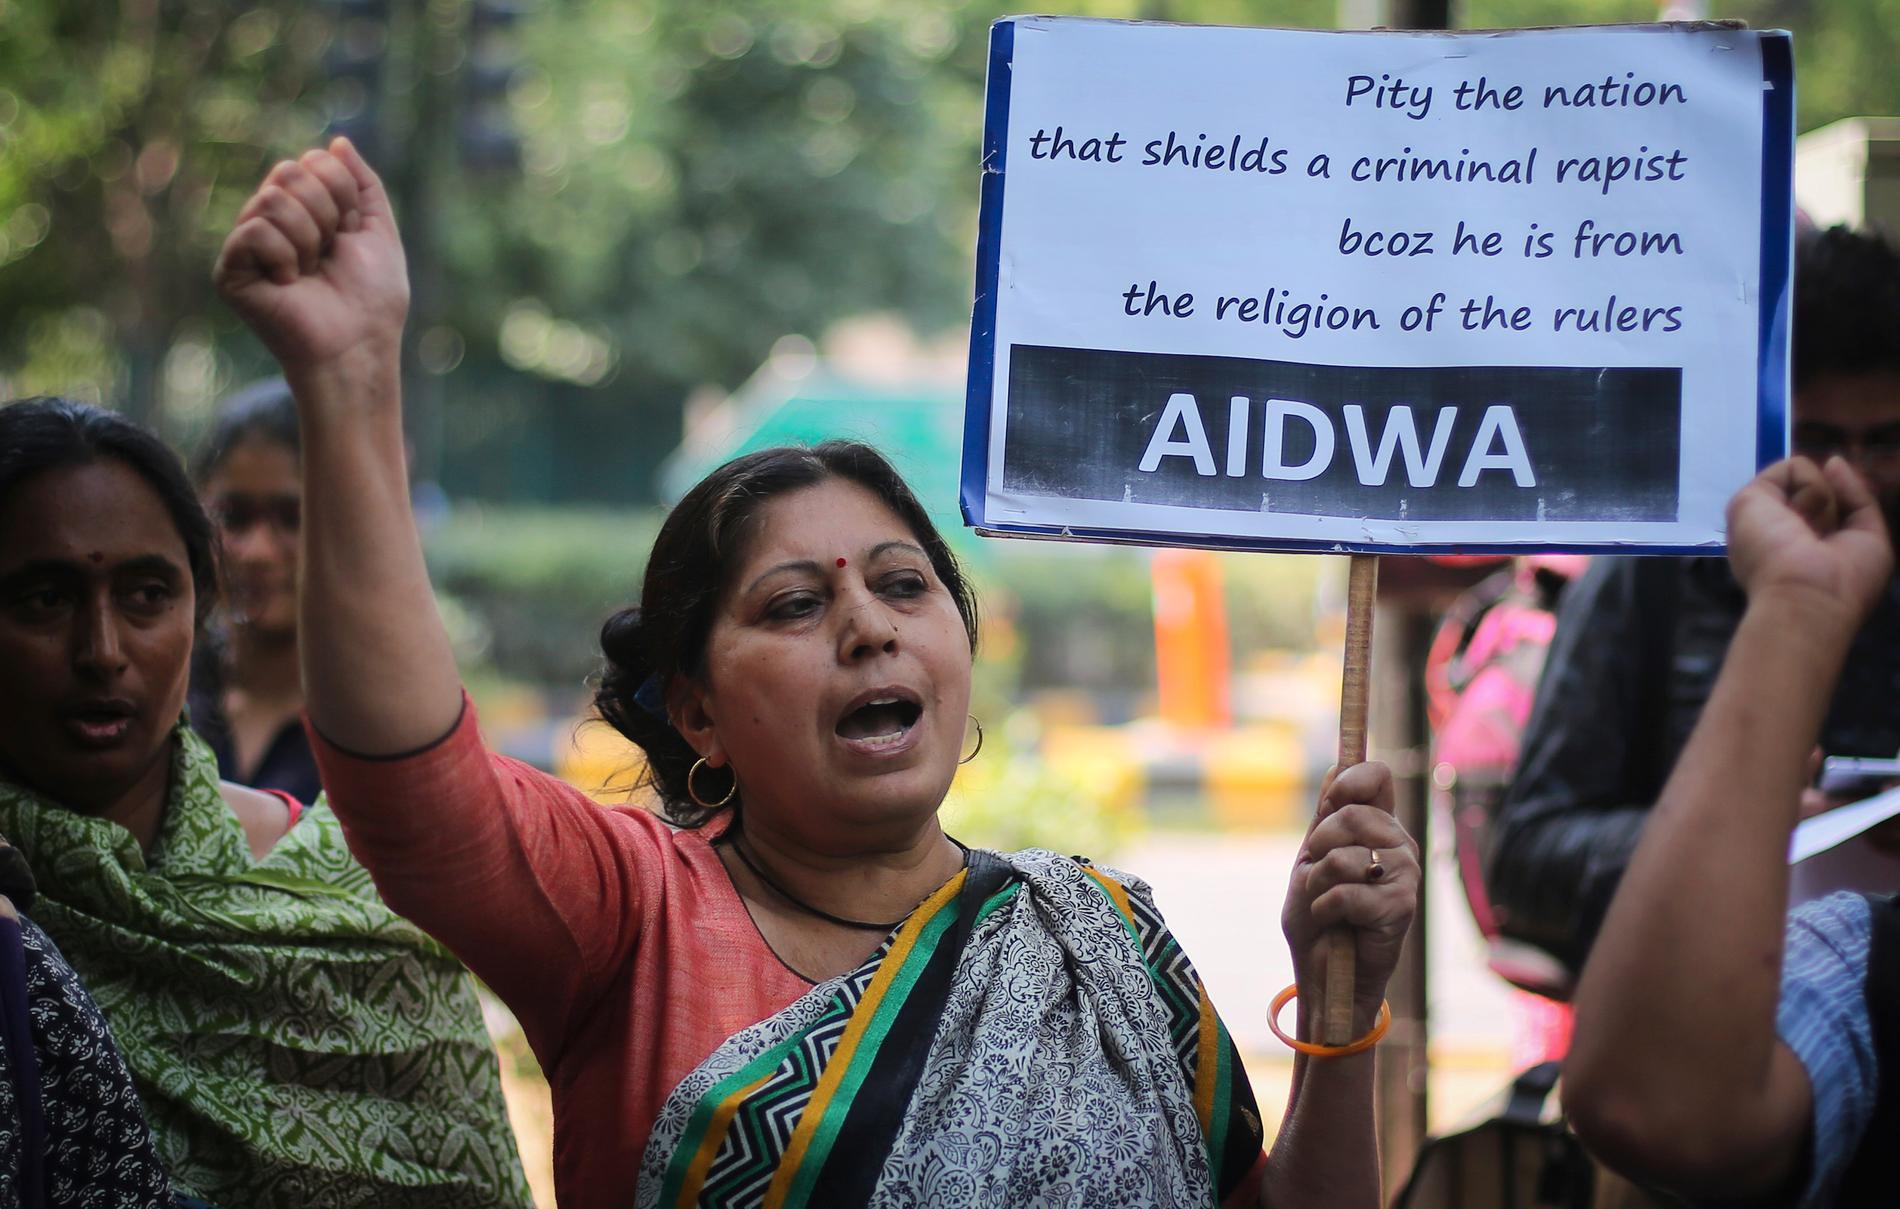 En aktivist deltar i en marsch mot sexuellt våld i New Delhi 2012. Arkivbild.